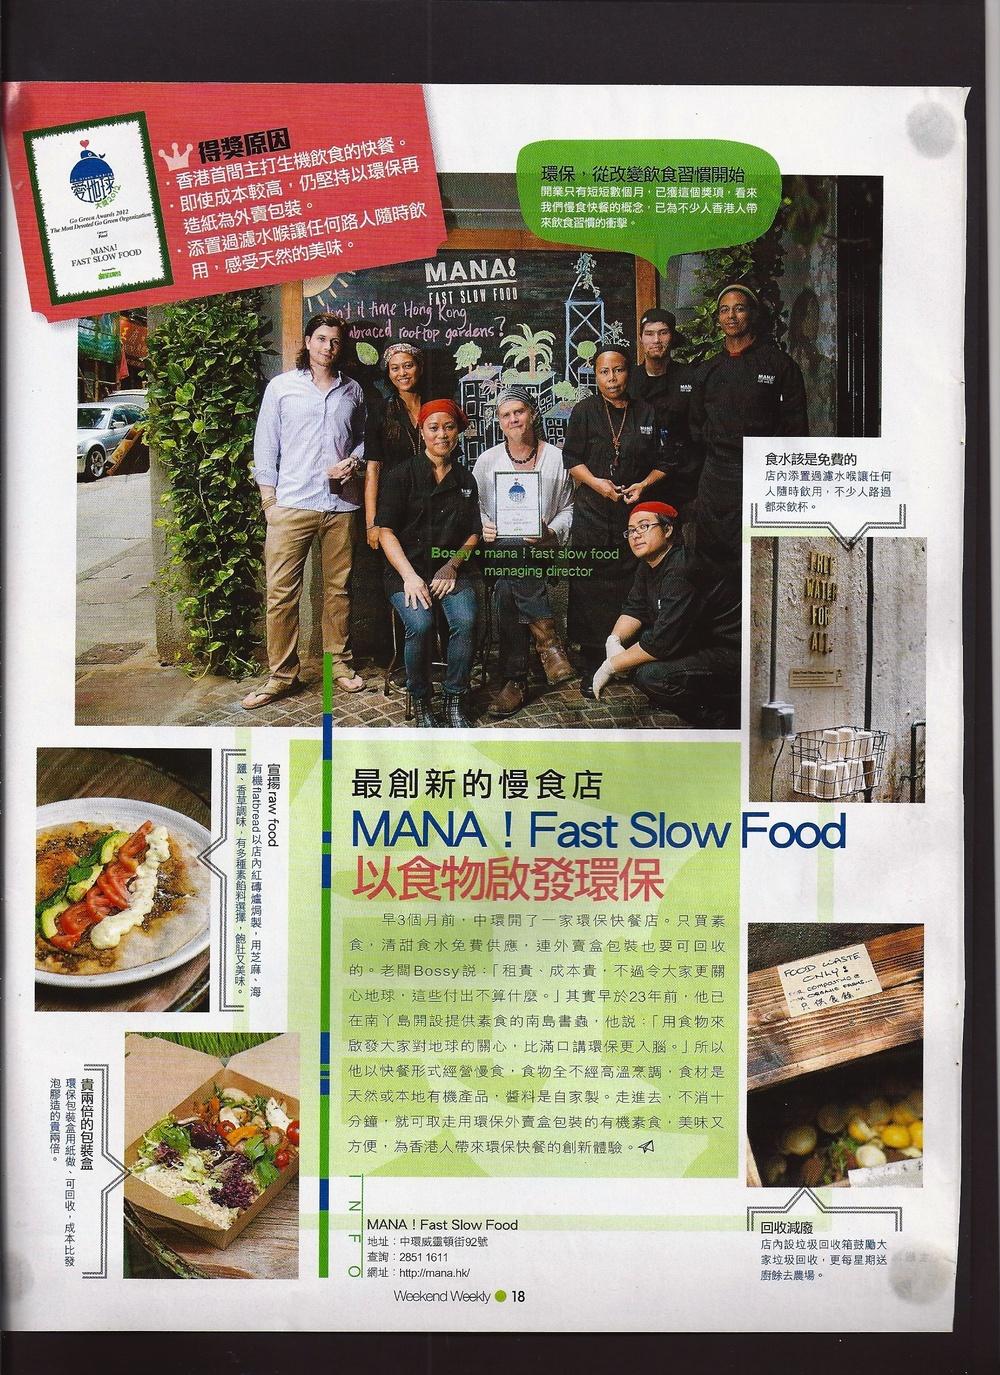 2012-07 Weekend Weekly 02.jpg